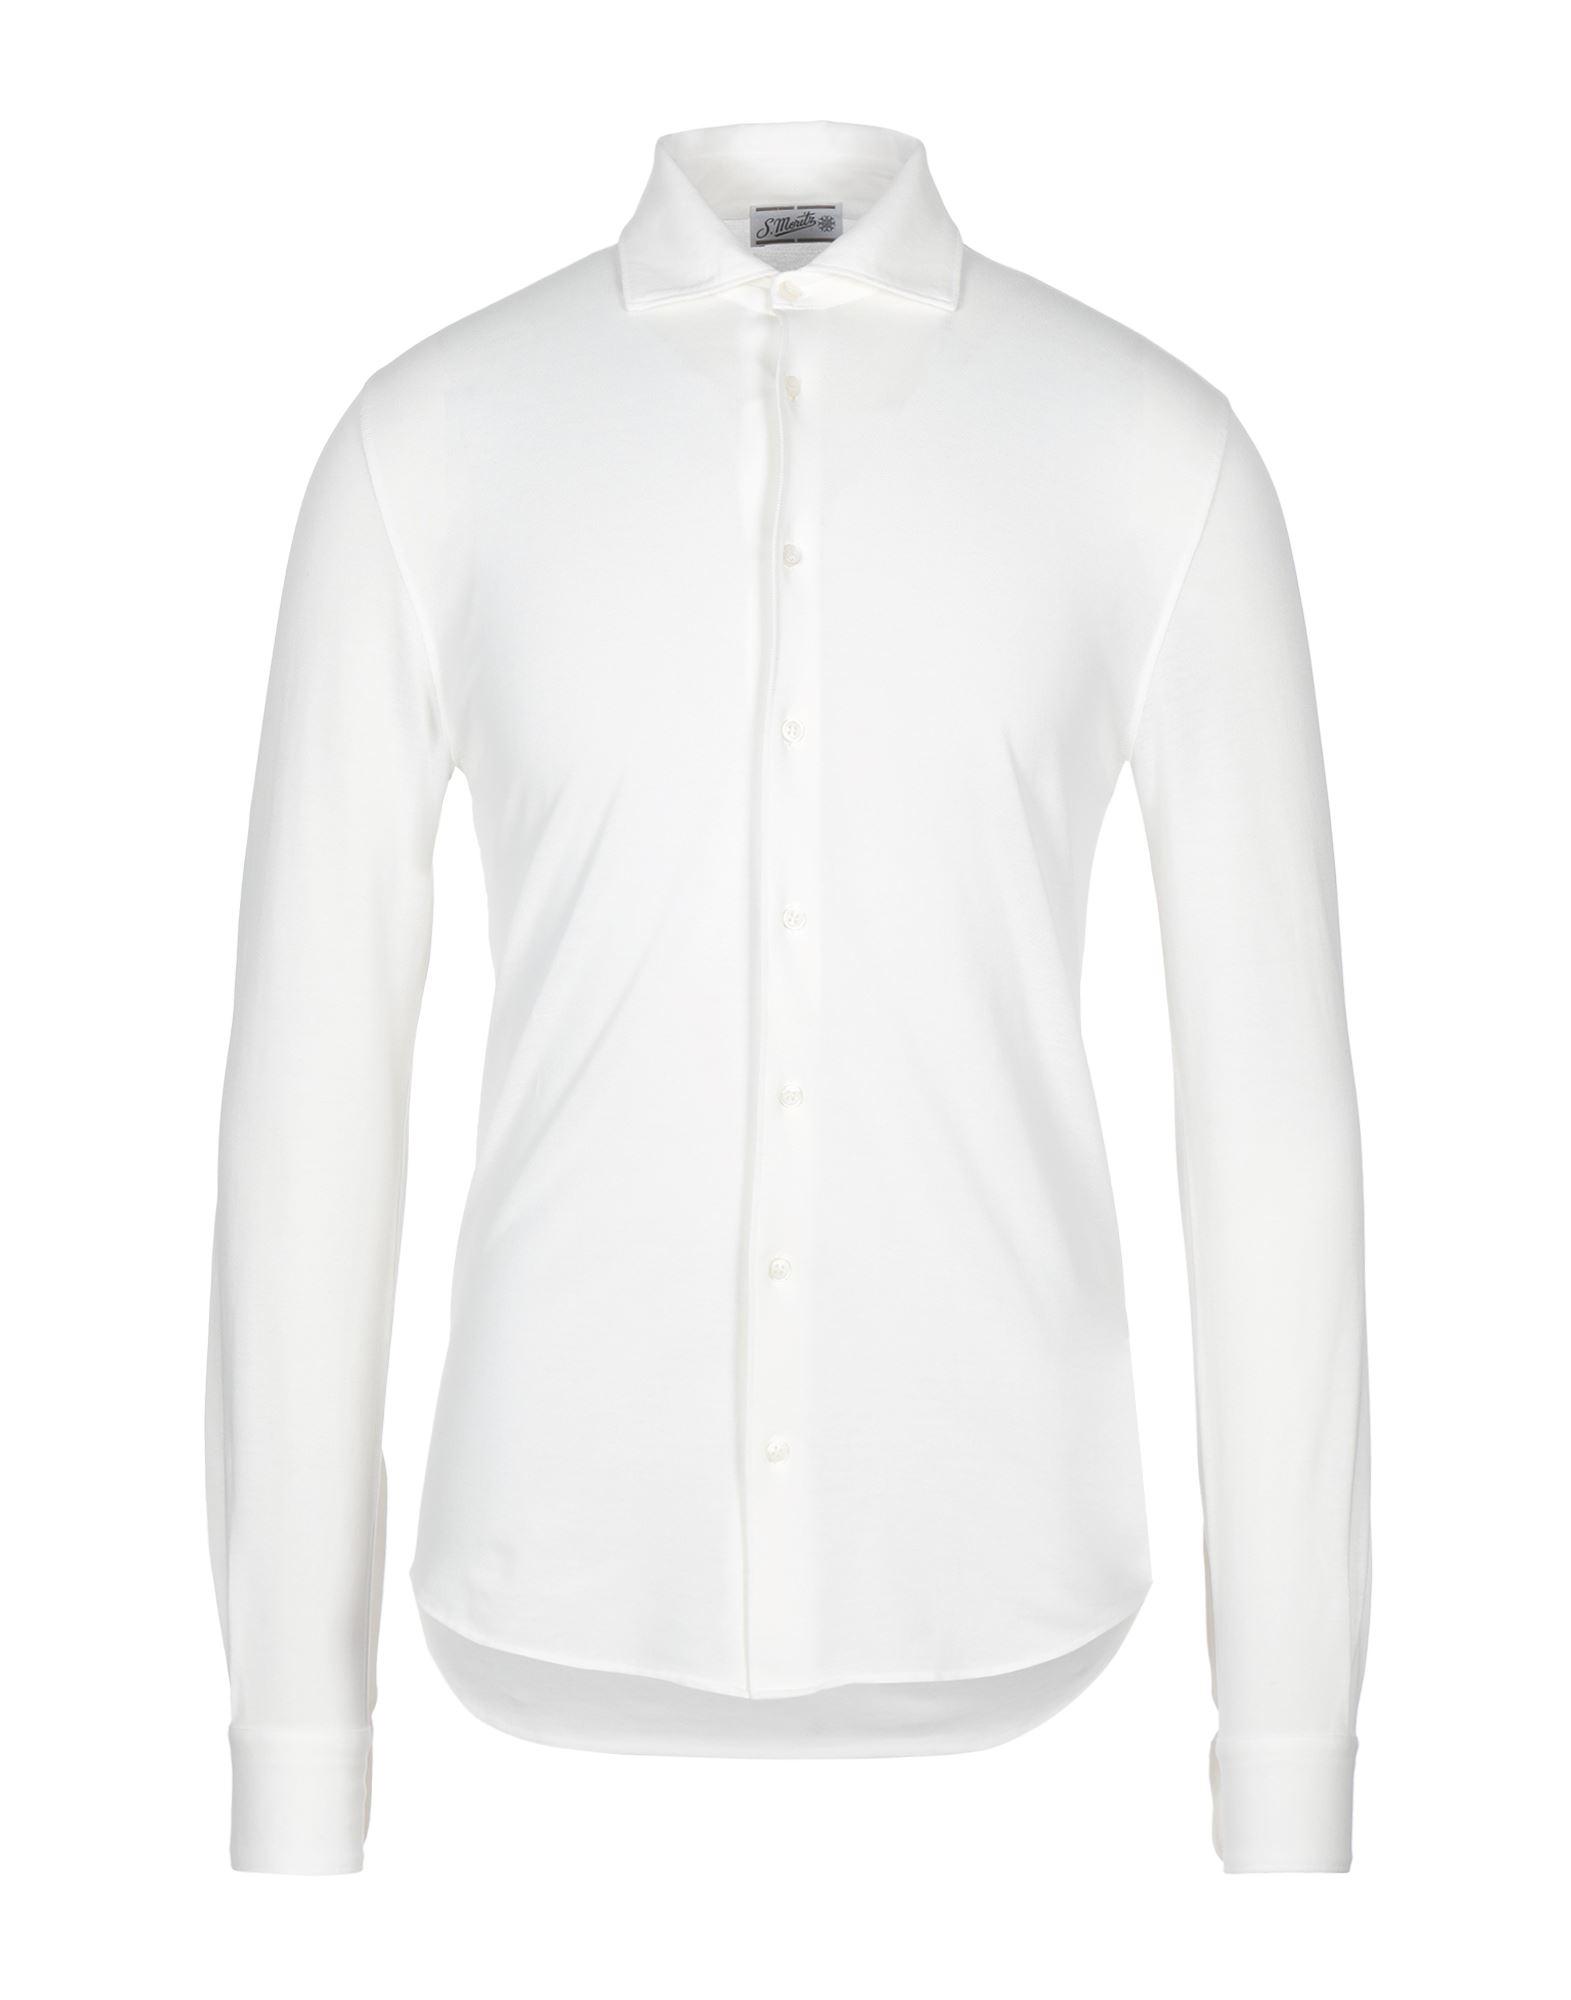 《セール開催中》S. MORITZ メンズ シャツ ホワイト 46 コットン 100%